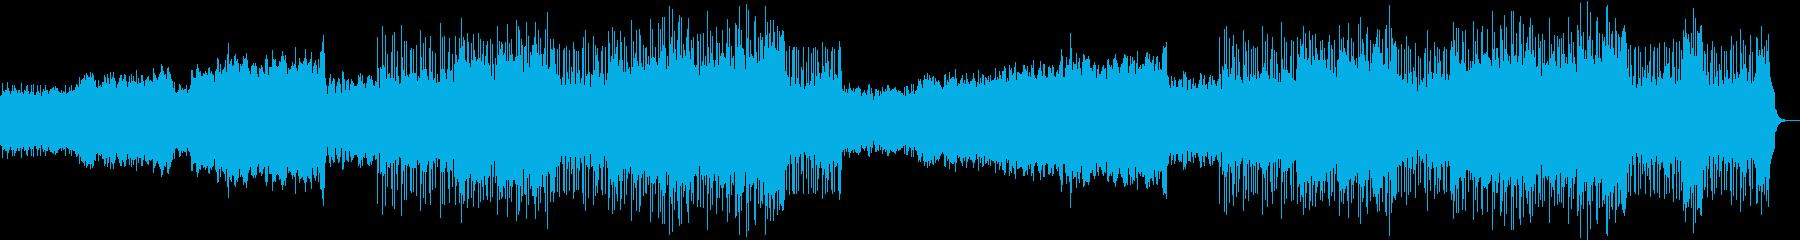 少し深い雰囲気を出したインストの再生済みの波形